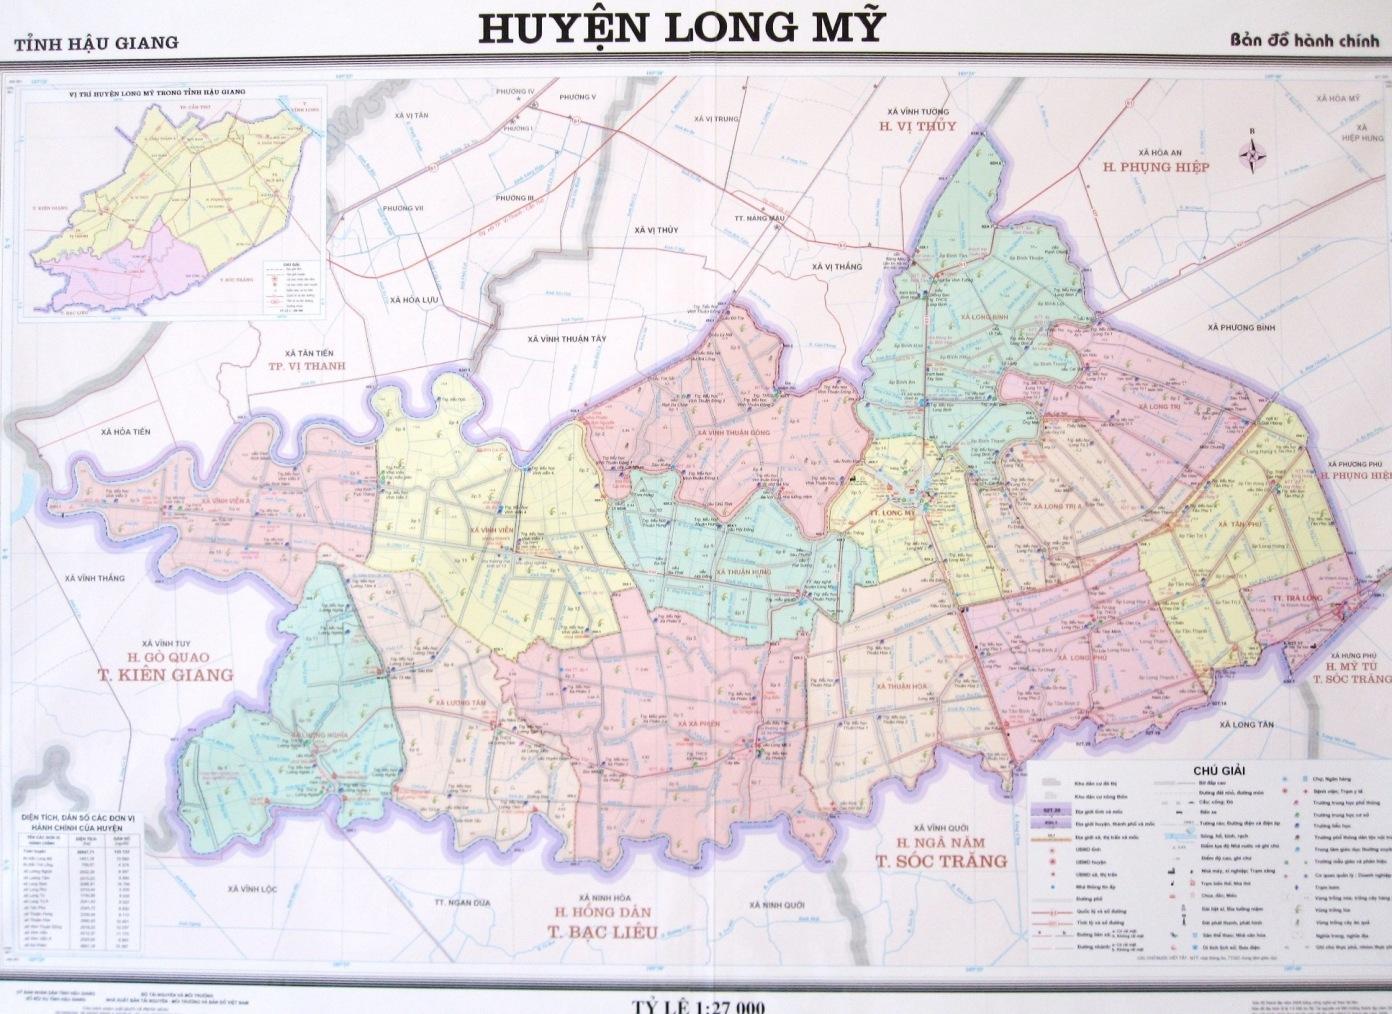 Bản đồ huyện Long Mỹ, tỉnh Hậu Giang/ Ảnh internet